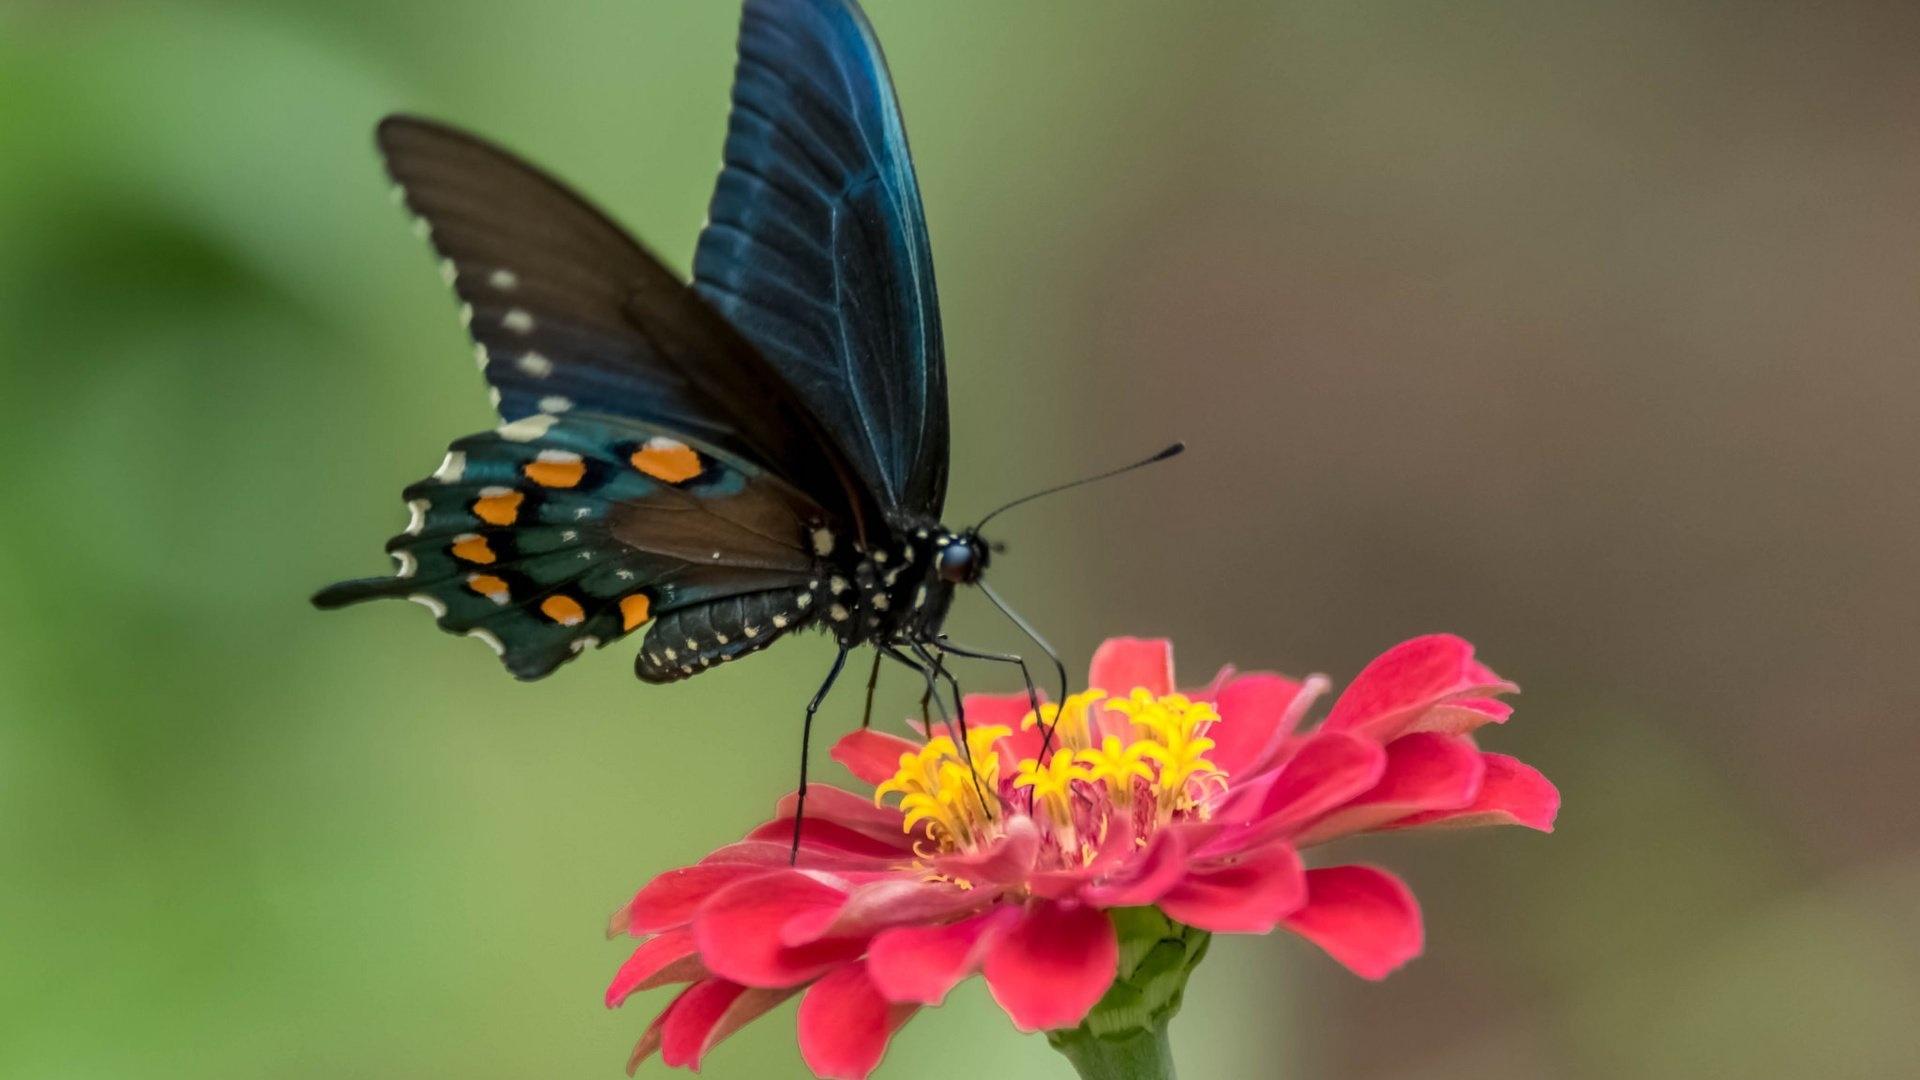 Butterfly On A Flower wallpaper for desktop